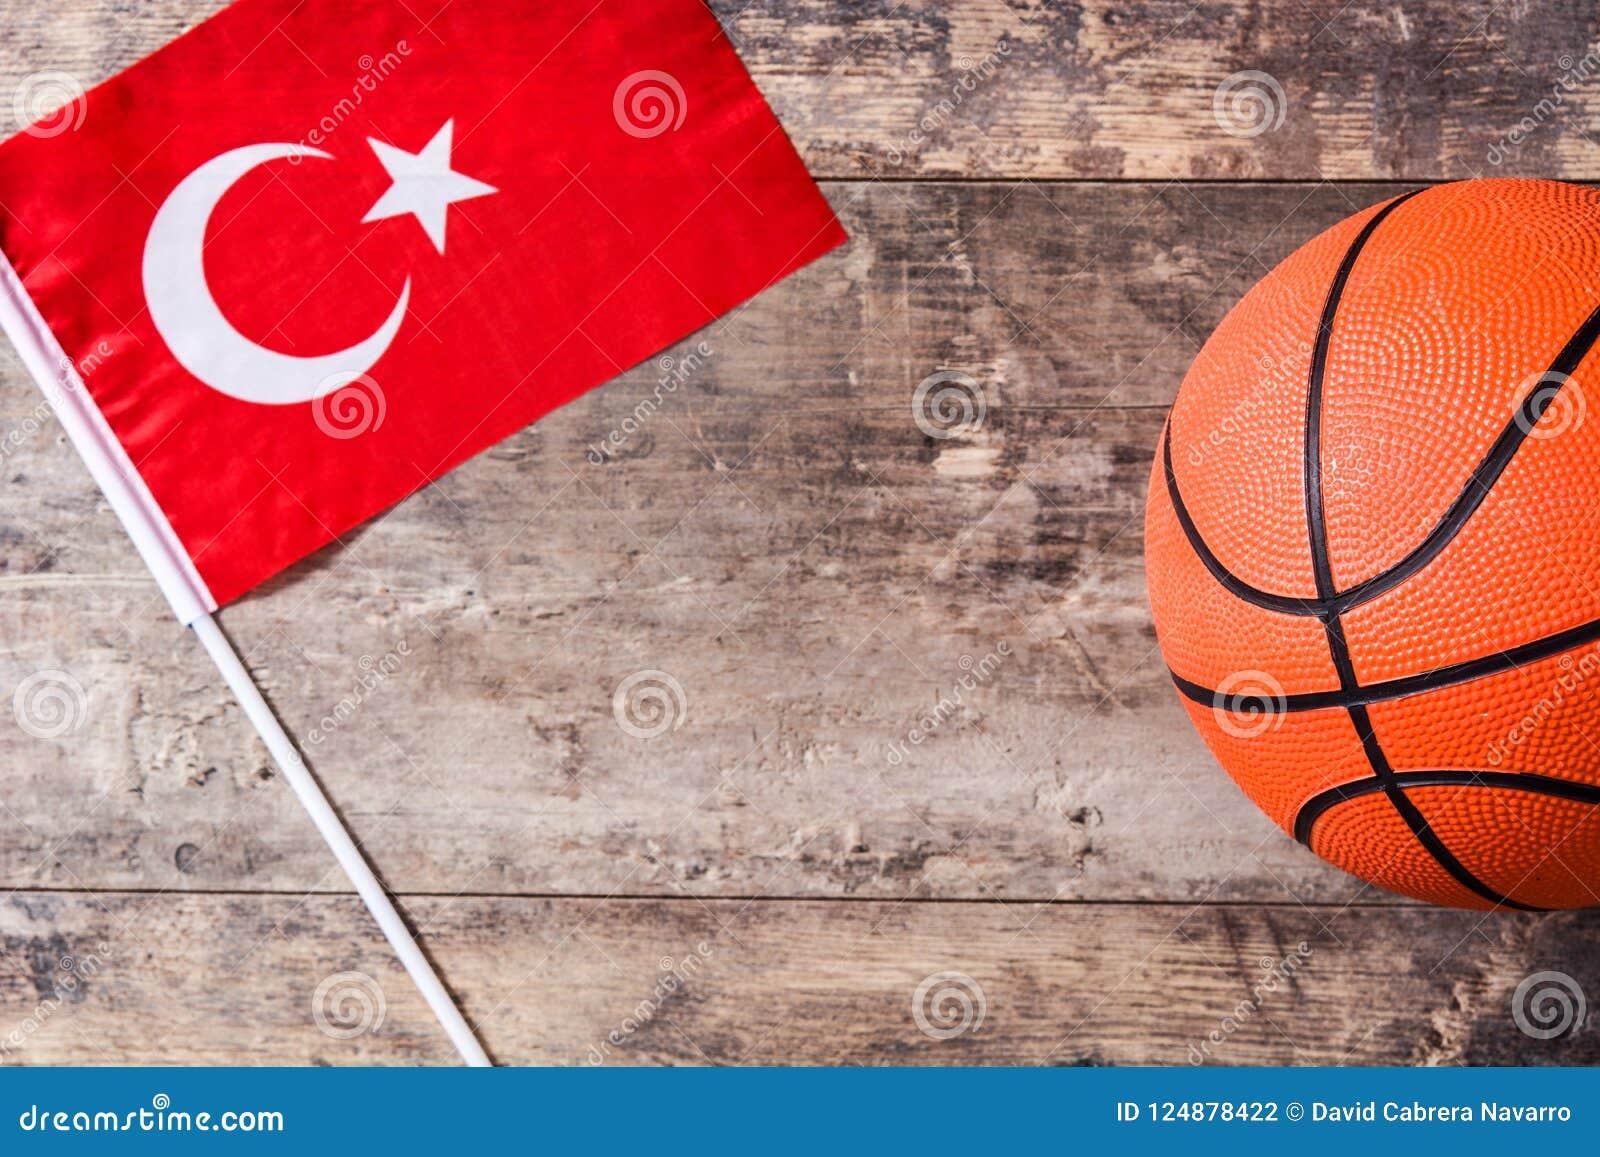 Basketball- und Türkei-Flagge auf Holztisch